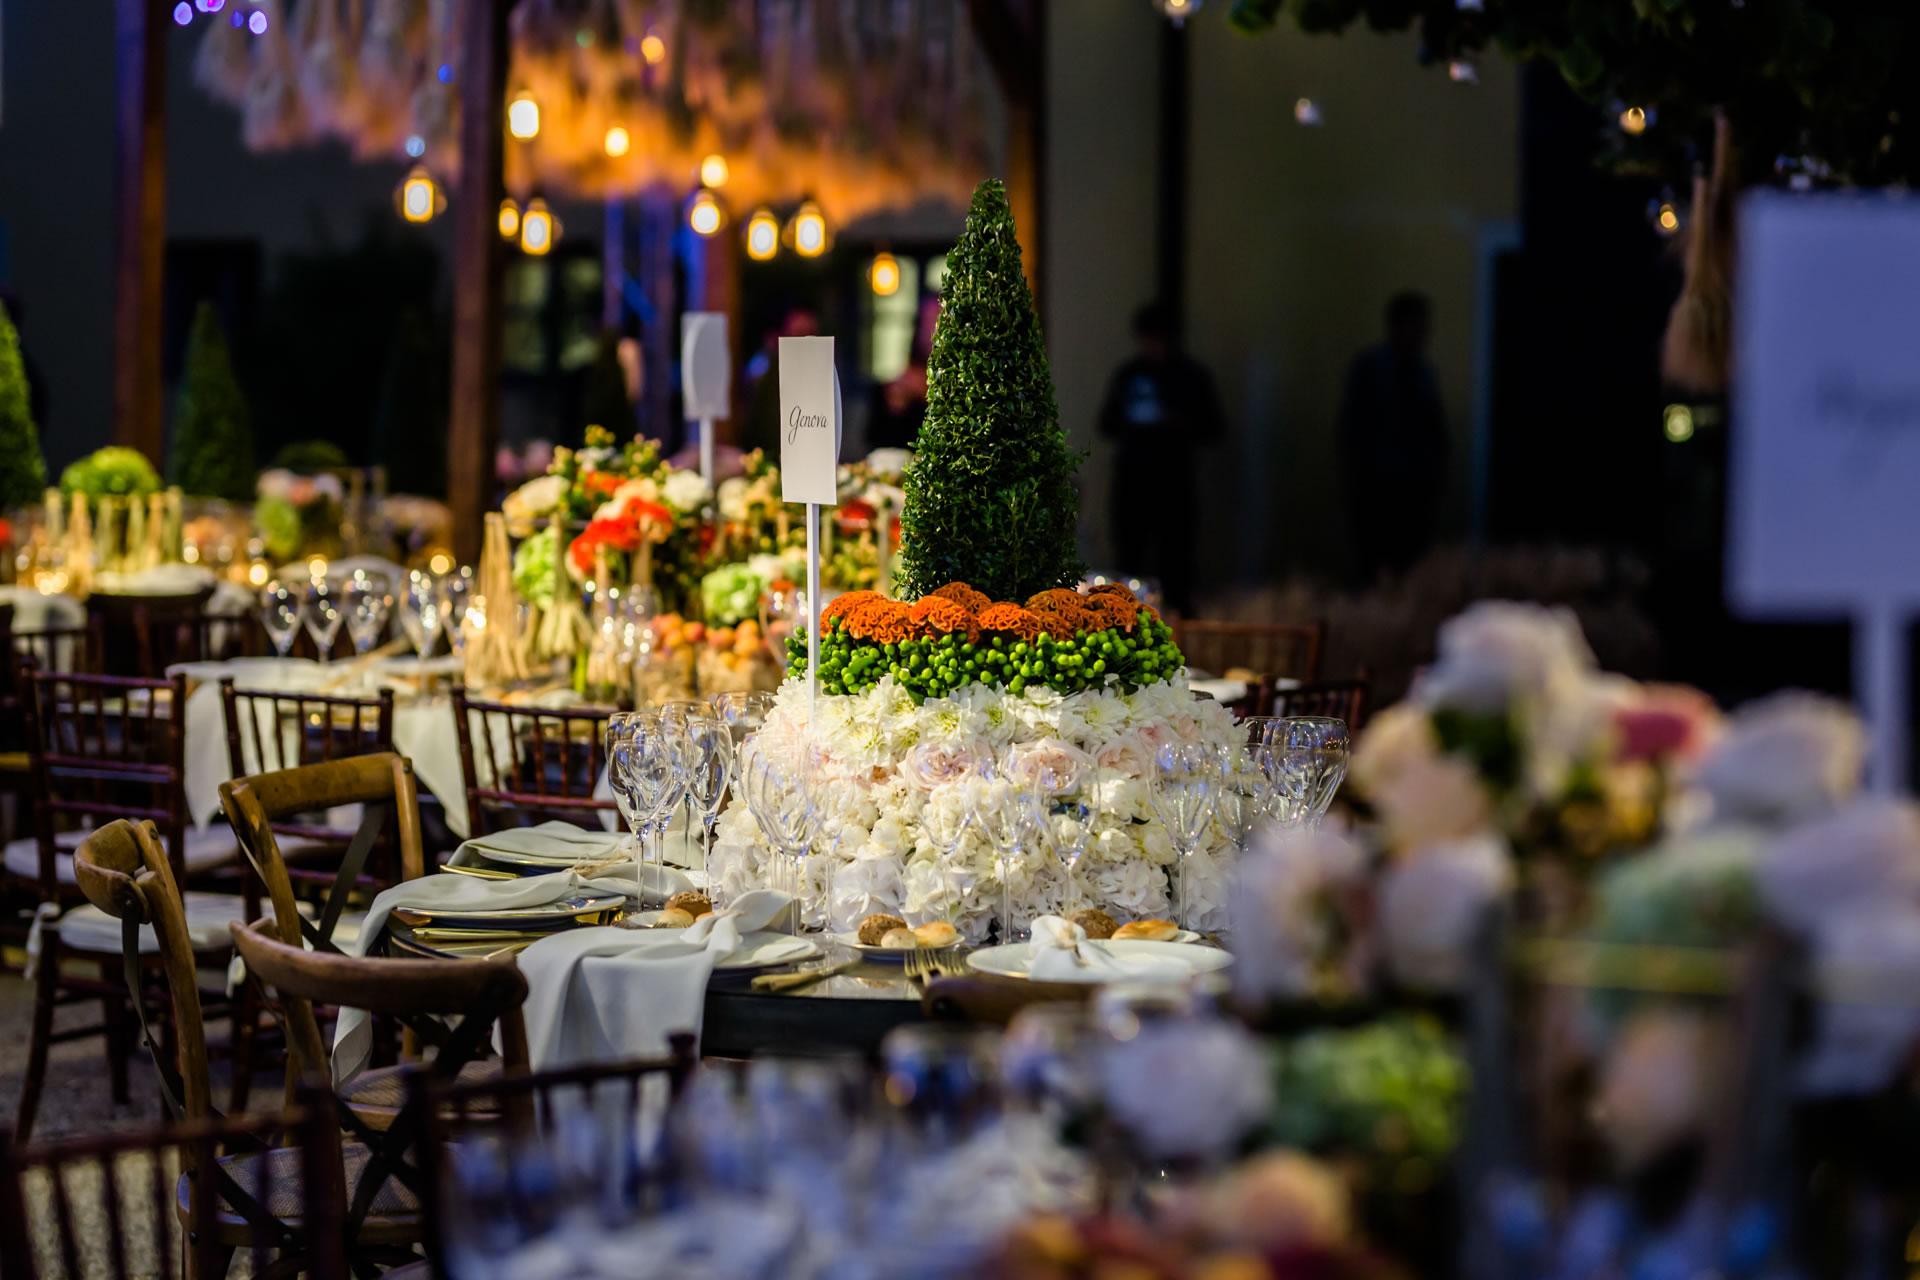 Cake - 66 :: Luxury wedding at Il Borro :: Luxury wedding photography - 65 :: Cake - 66